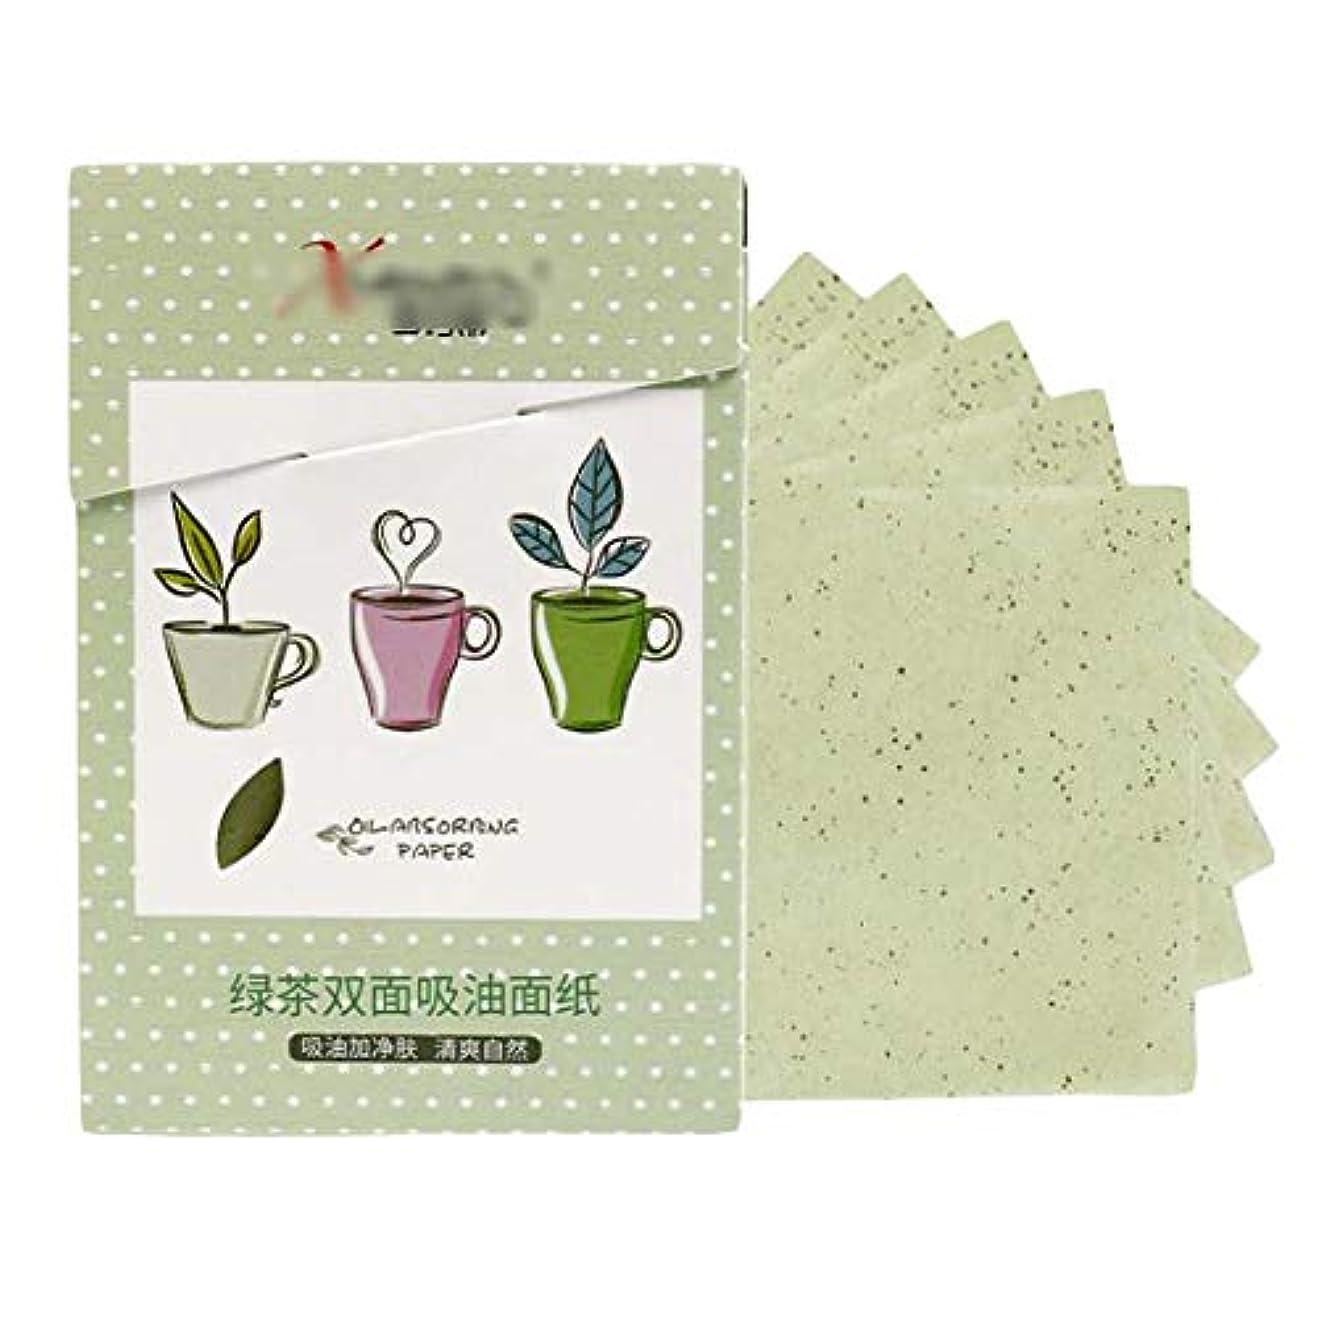 緑茶オイルブロッティングティッシュフェイスオイル吸収紙、200枚